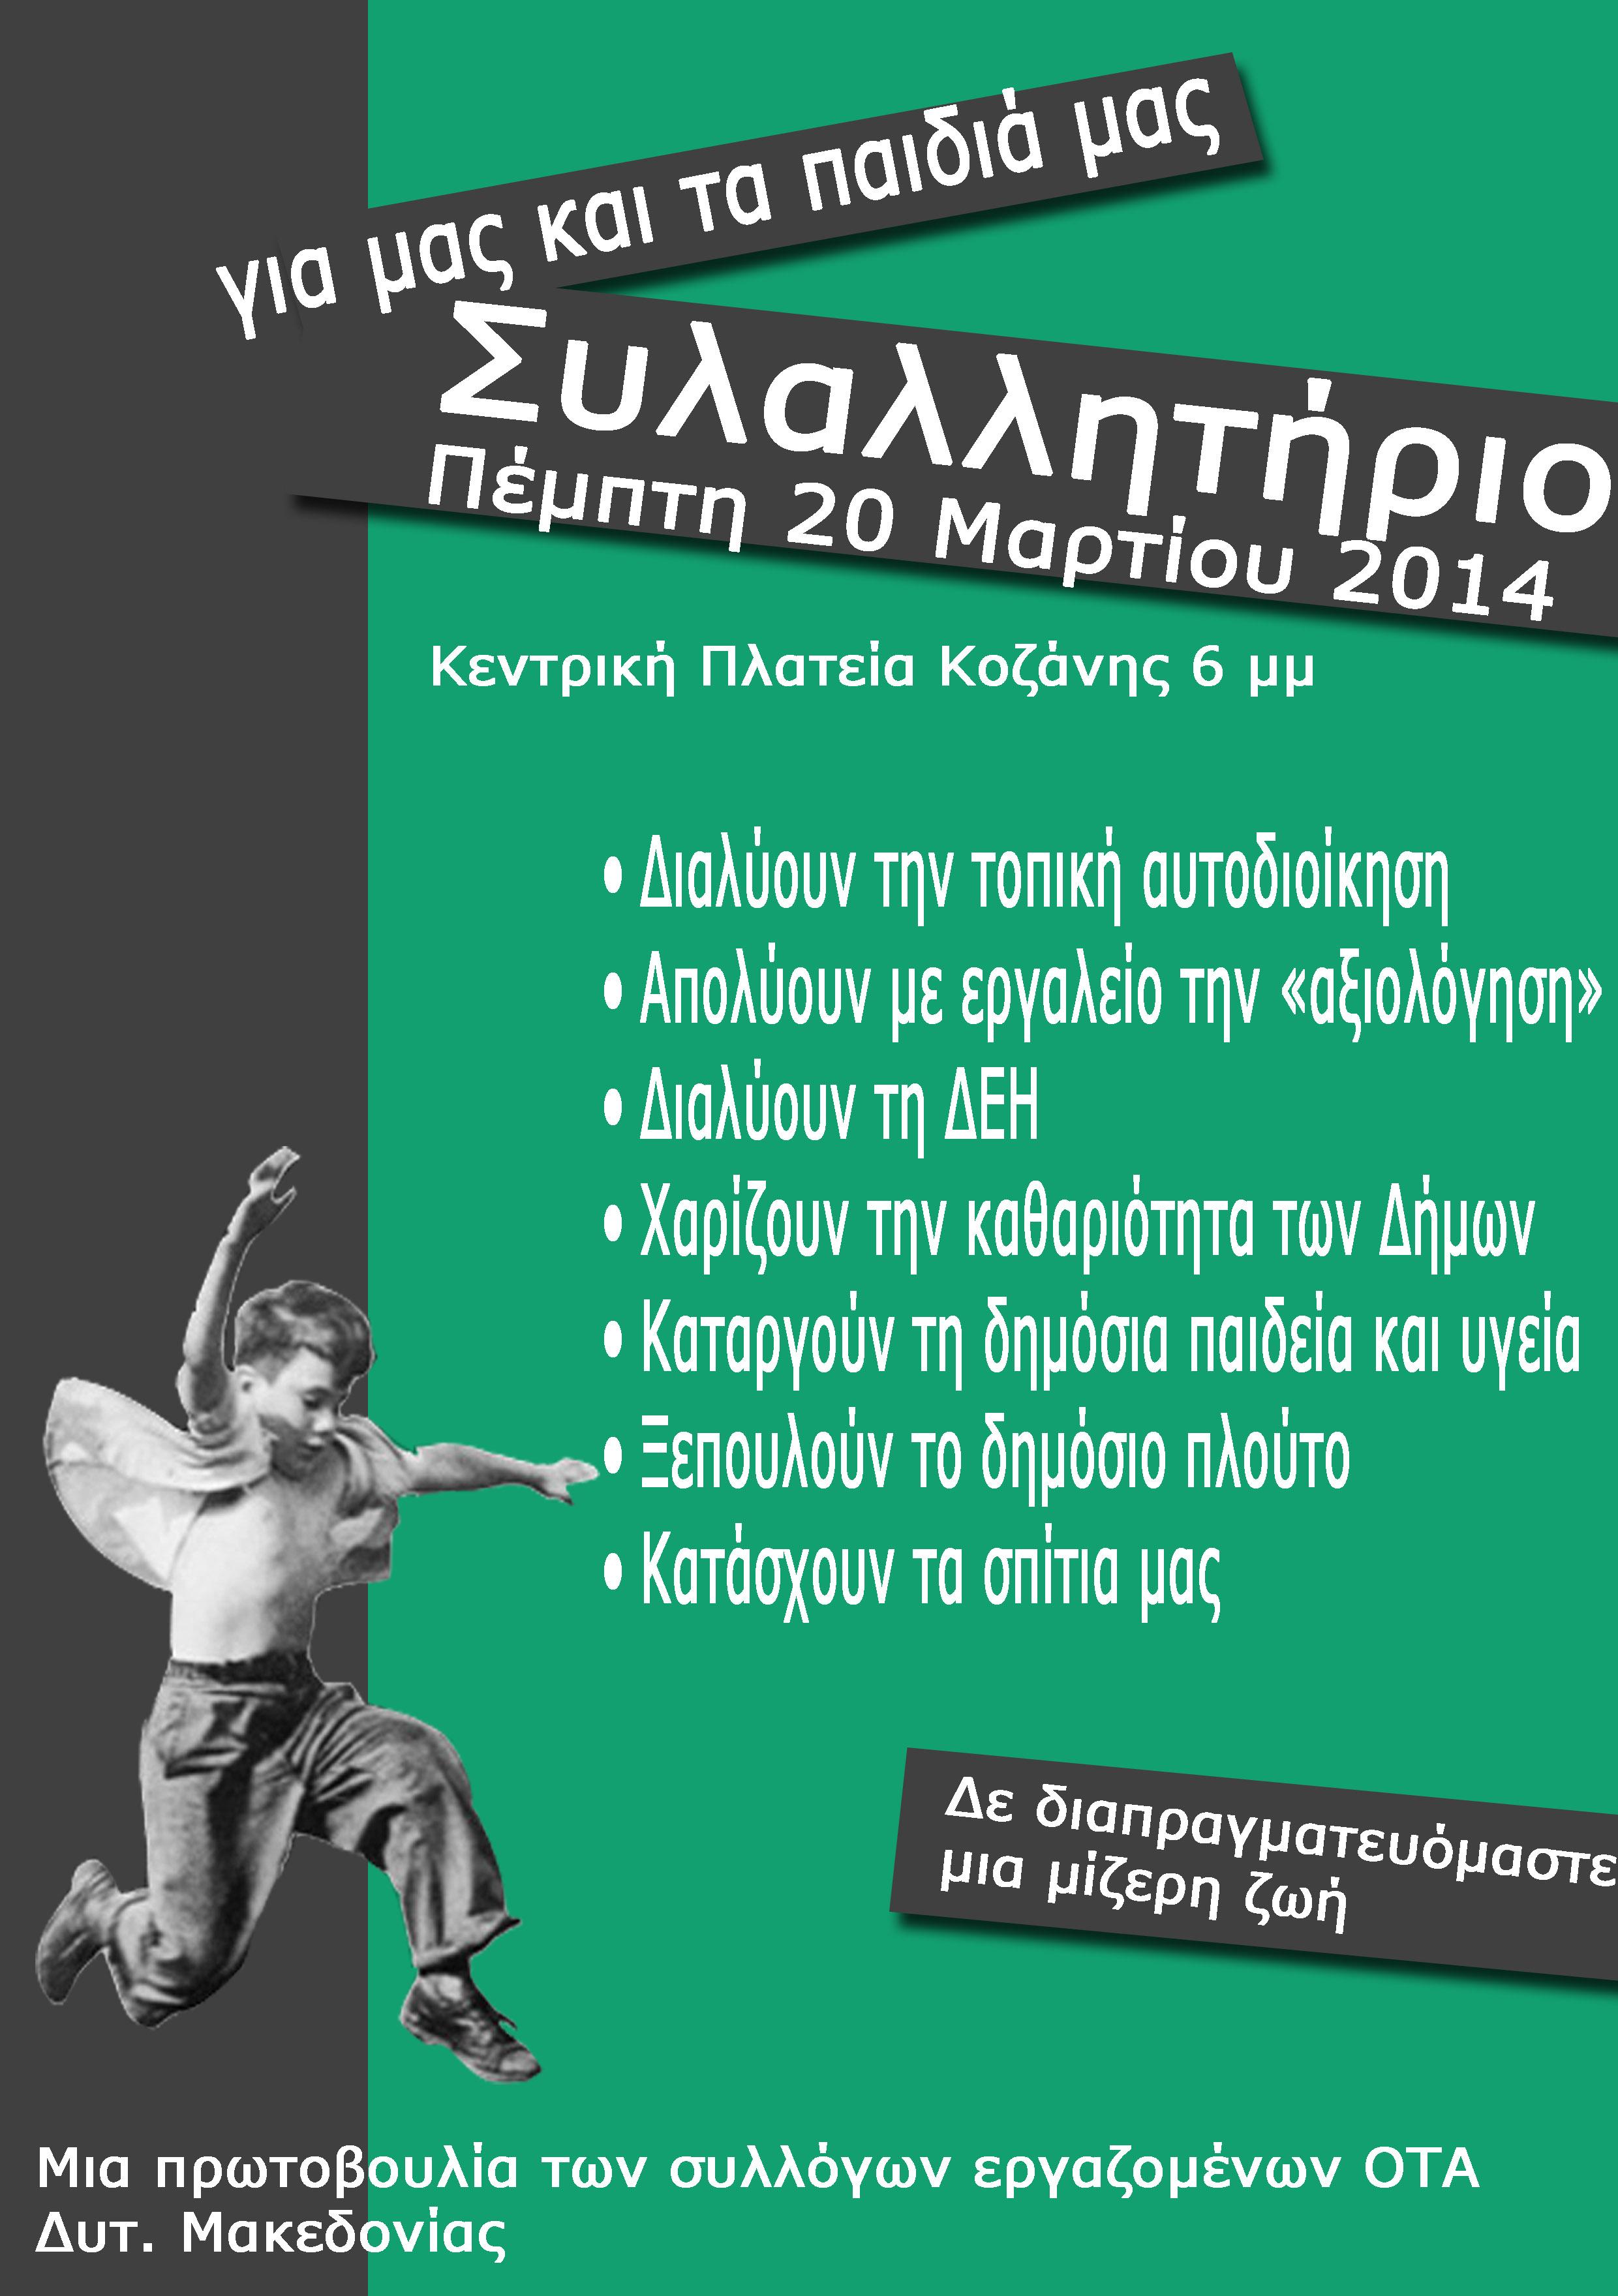 Σύλλογος εργαζομένων ΟΤΑ Δυτικής Μακεδονίας: Συλλαλητήριο την Πέμπτη 20 Μαρτίου